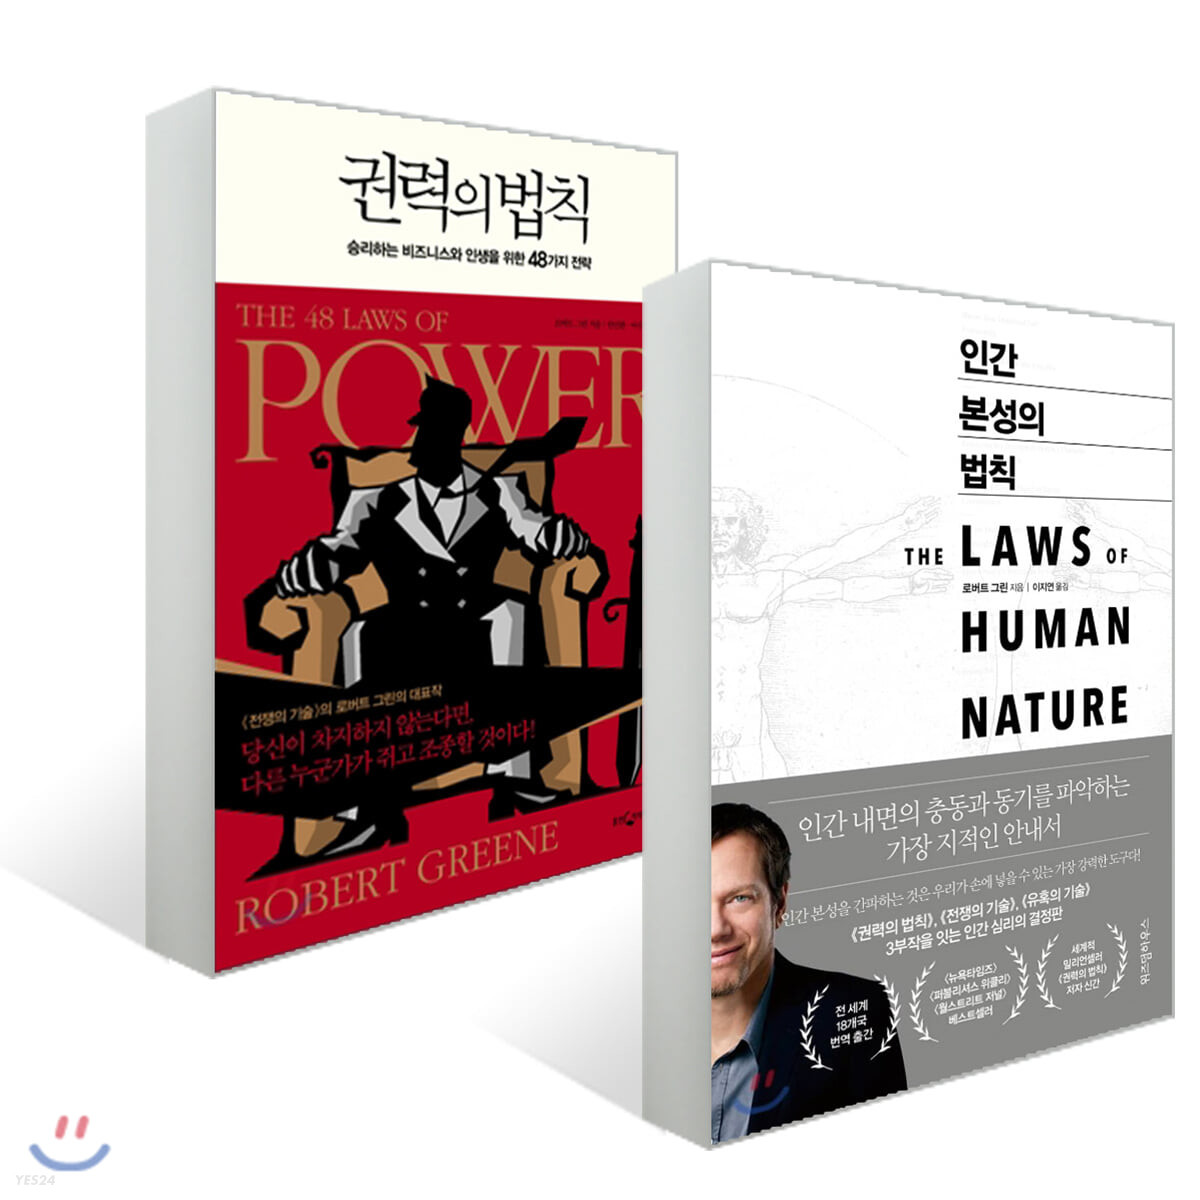 인간 본성의 법칙 + 권력의 법칙